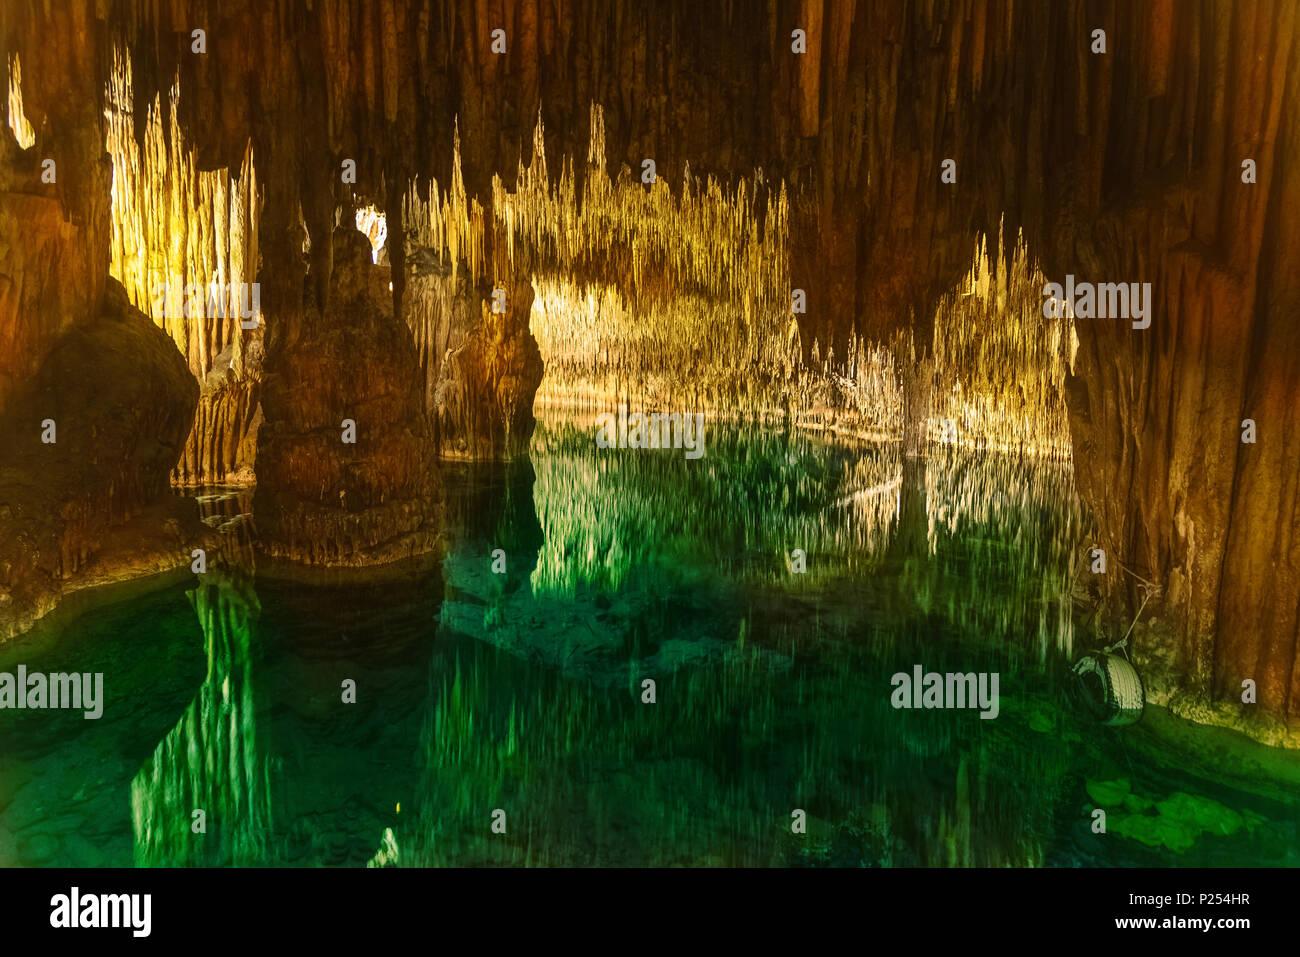 Famous Cuevas Del Drach In Mallorca Island Spain